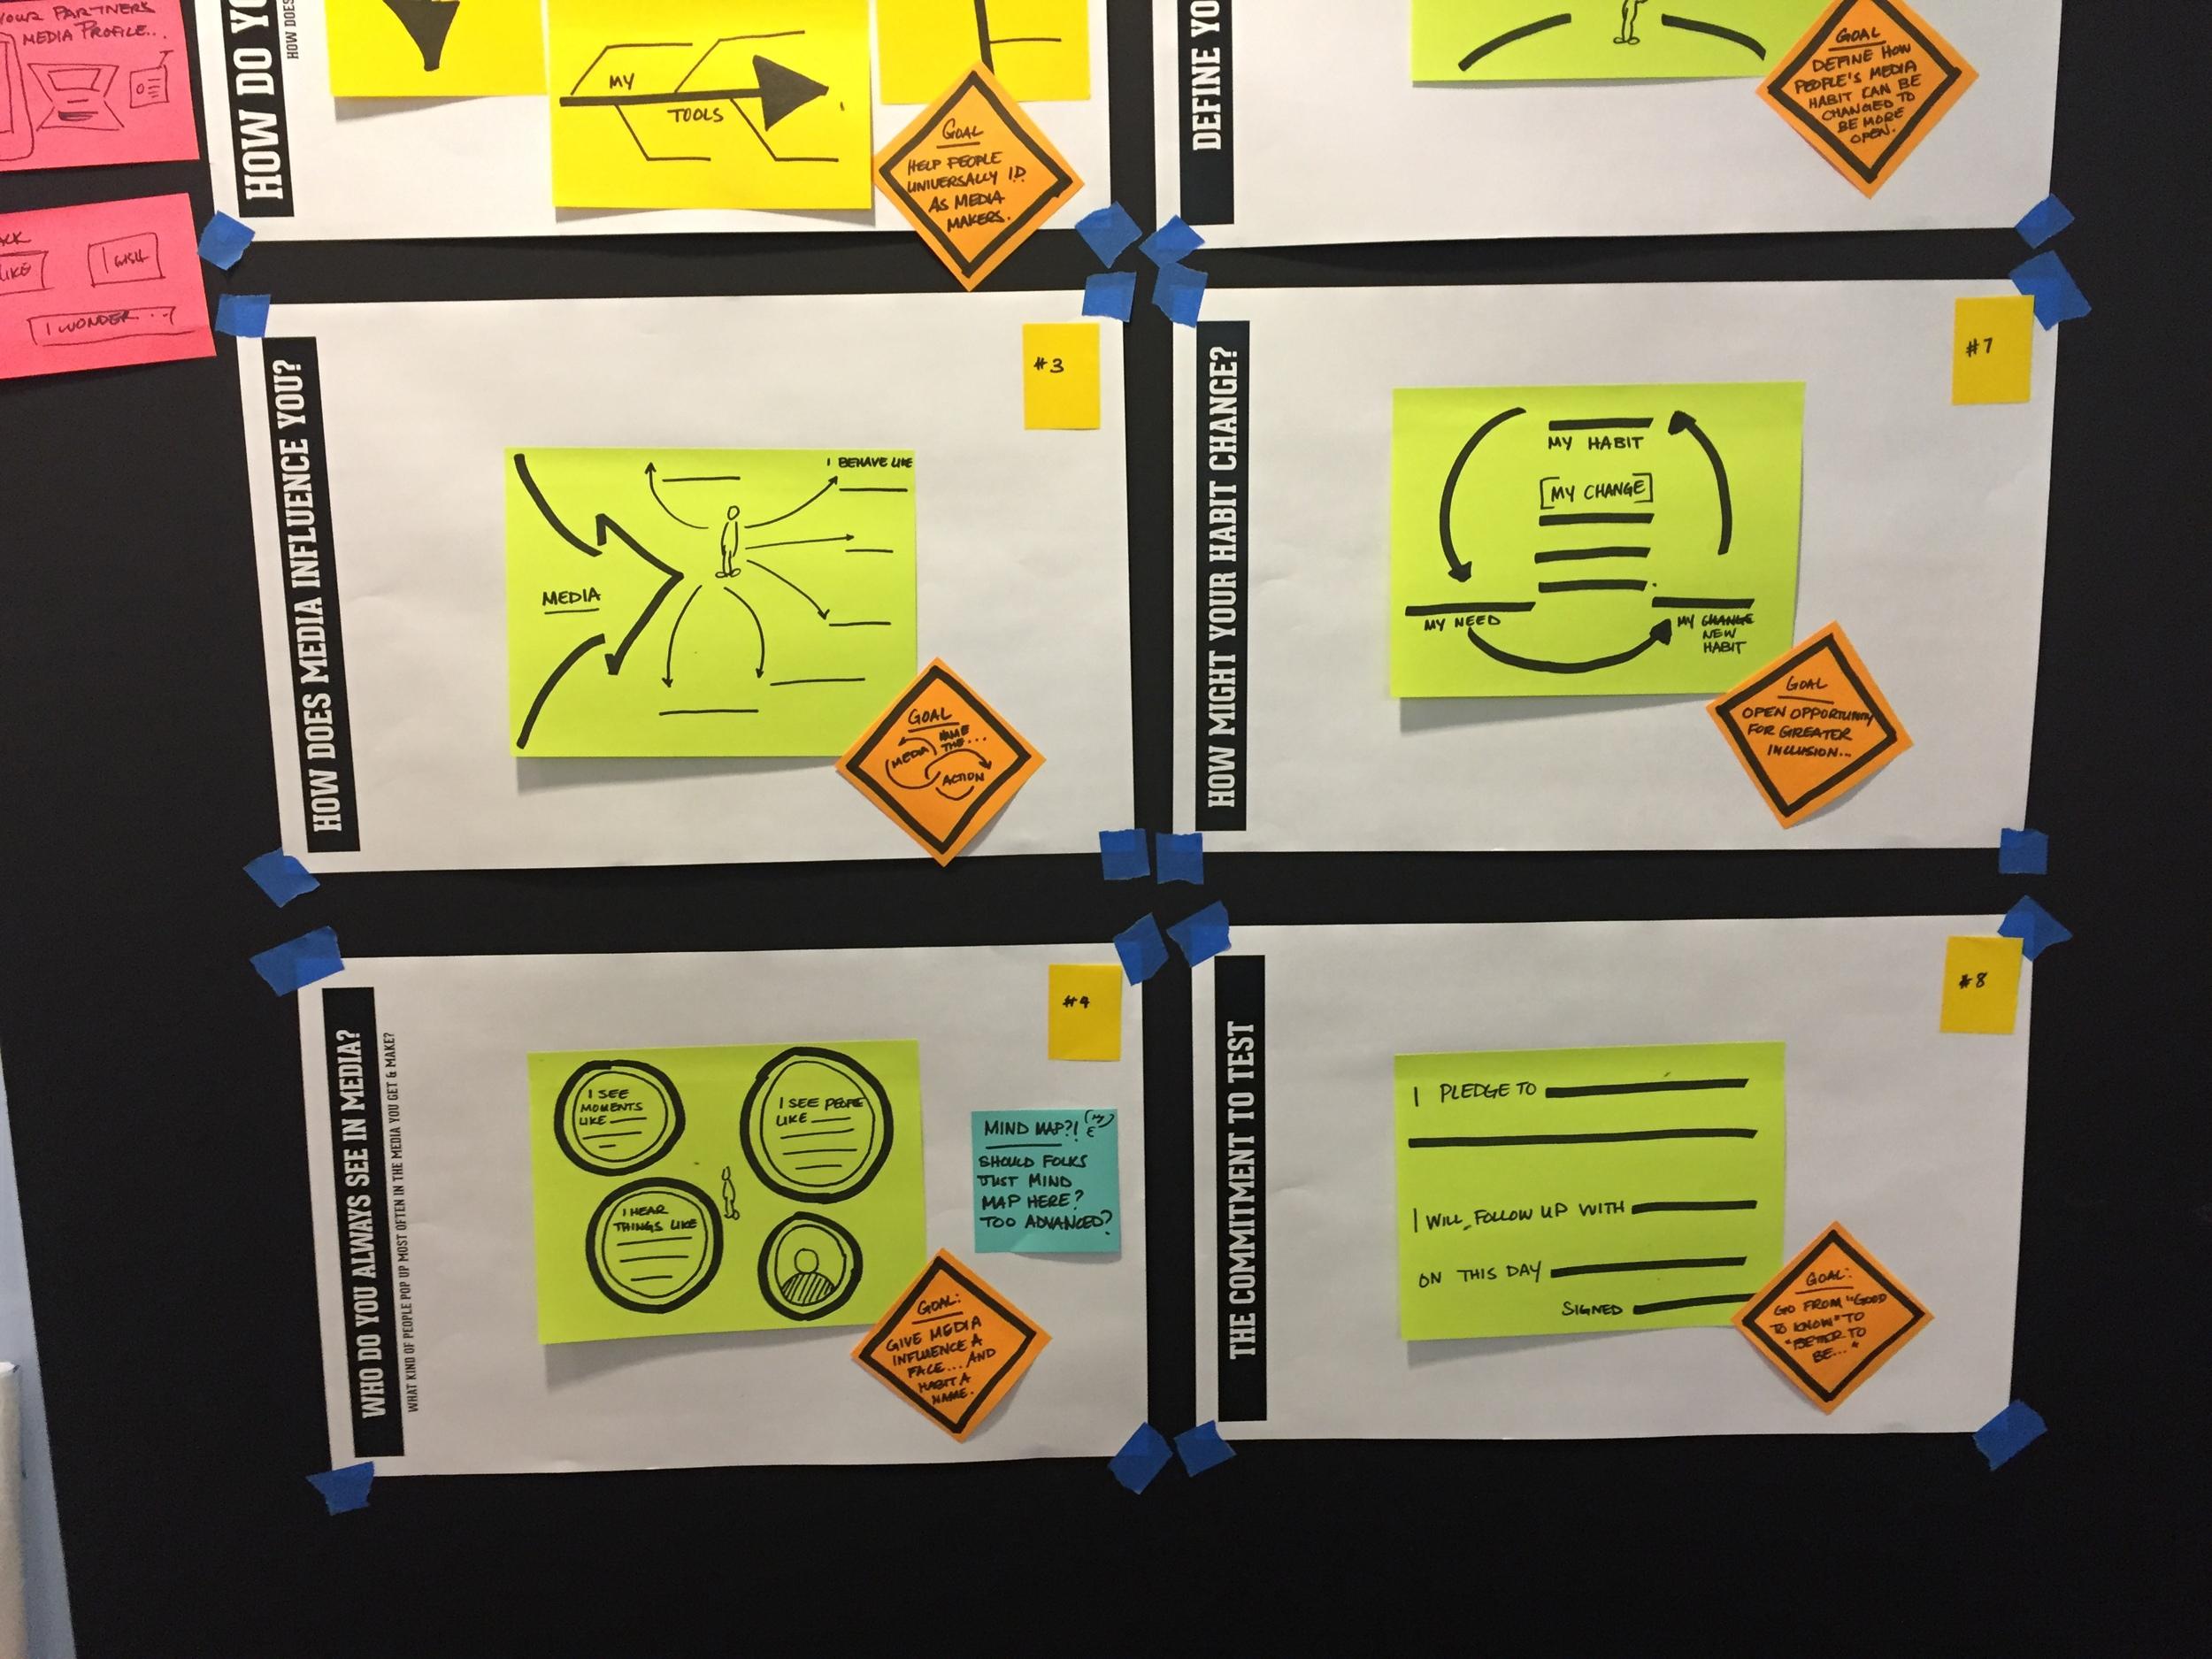 worksheet-prototype1.jpg